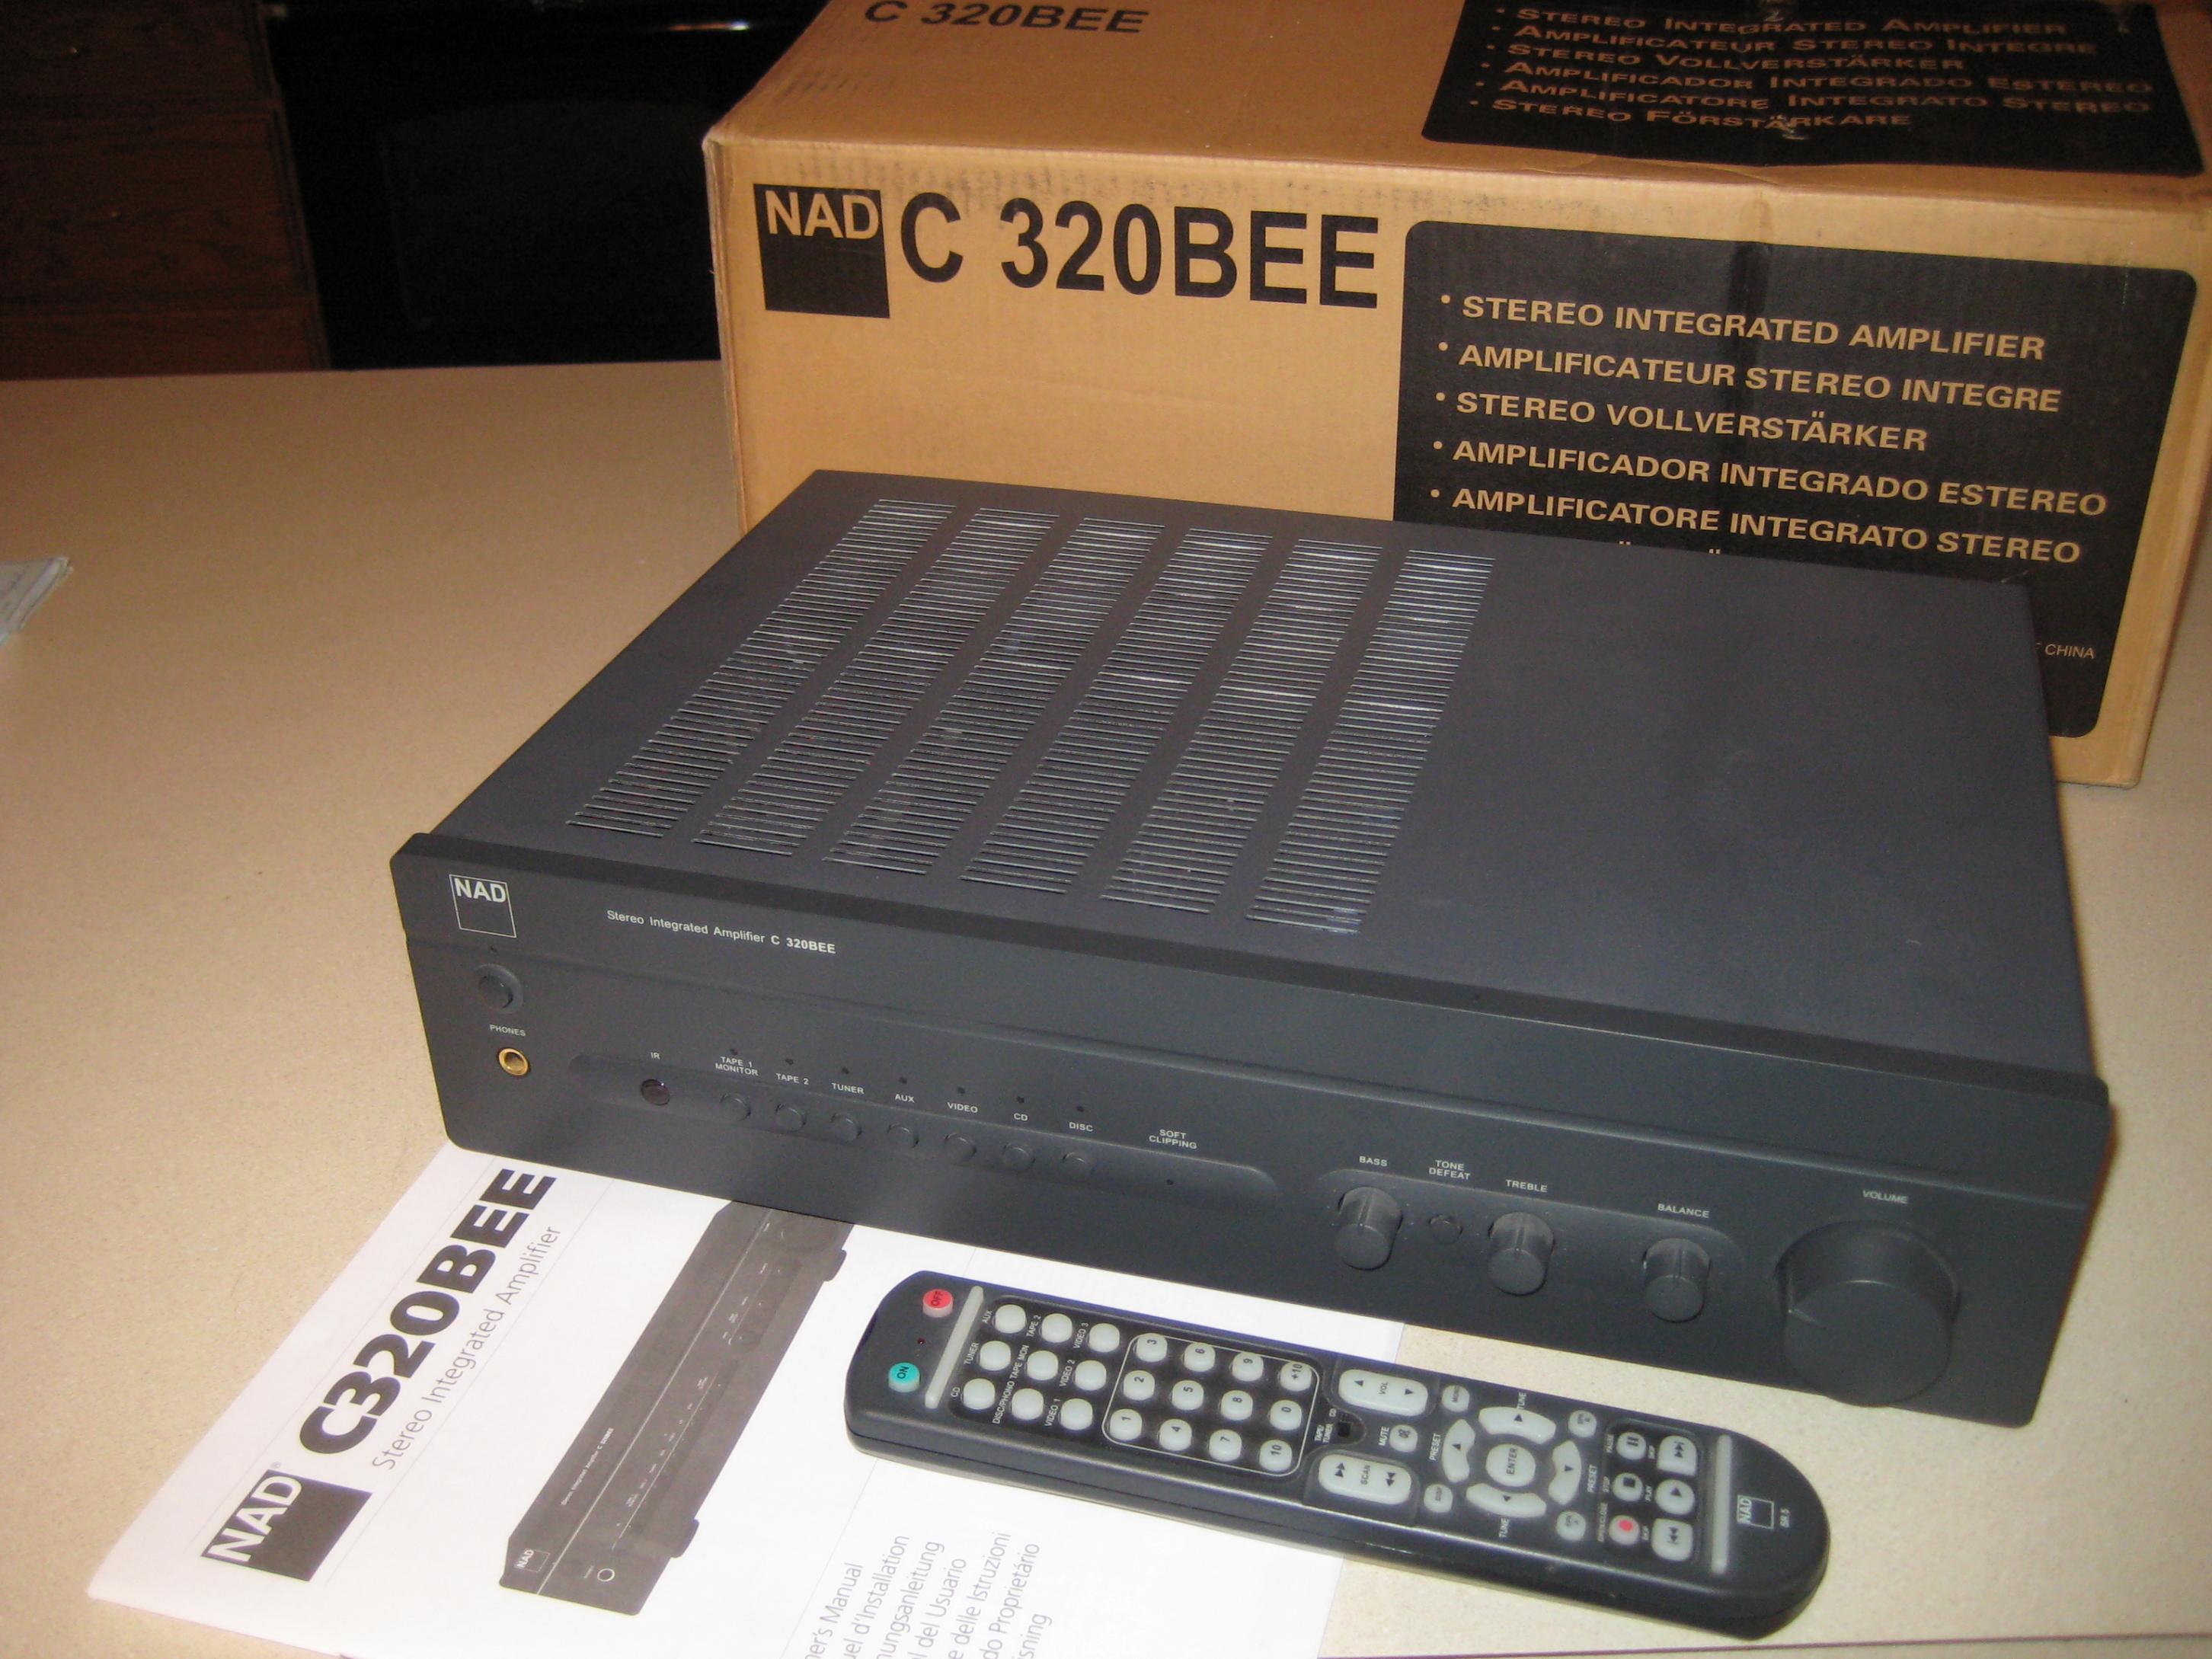 Nad c320bee — Polk Audio